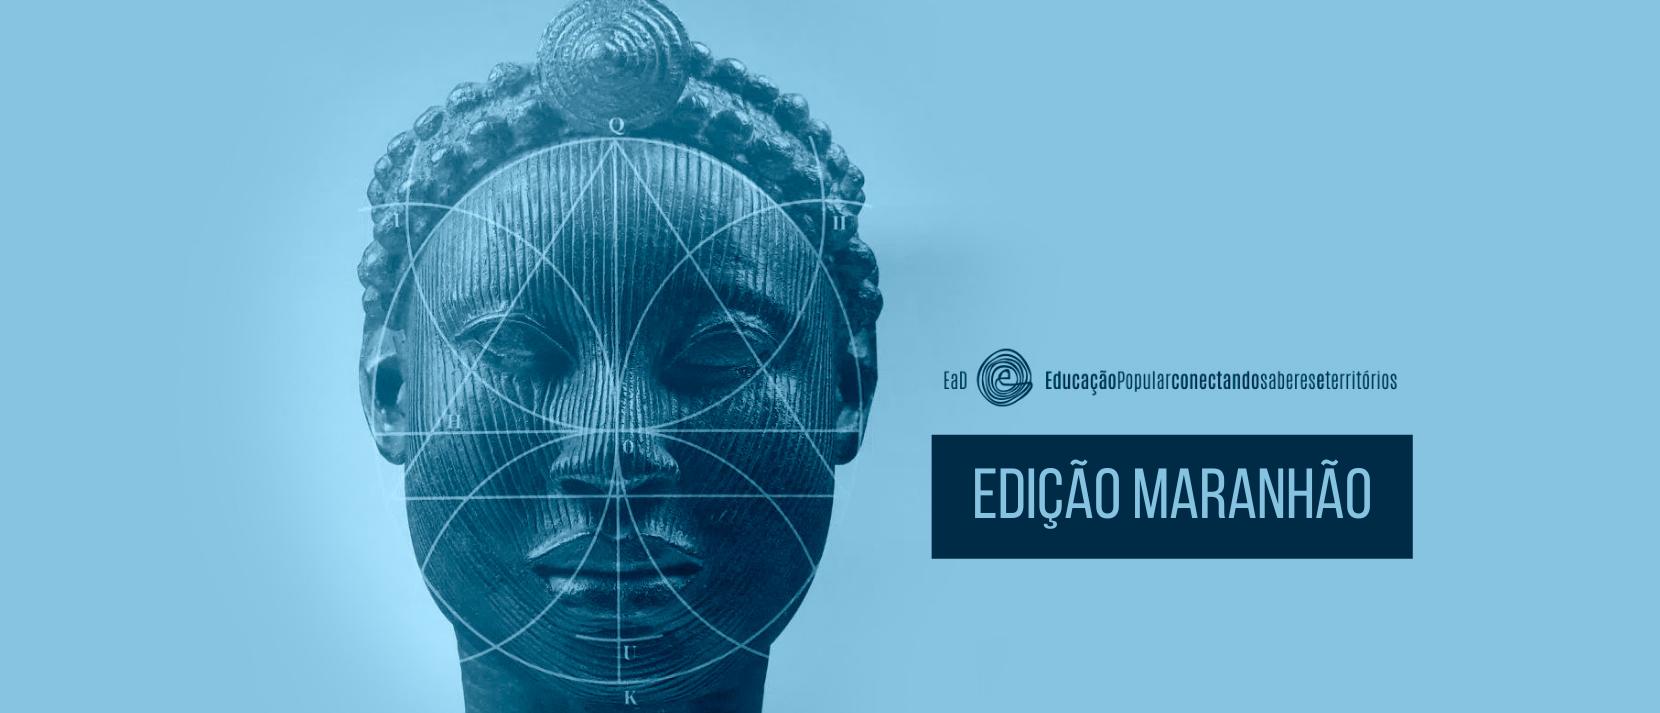 História da Ciência, Tecnologia e Inovação Africana e Afrodescendente - Edição Maranhão